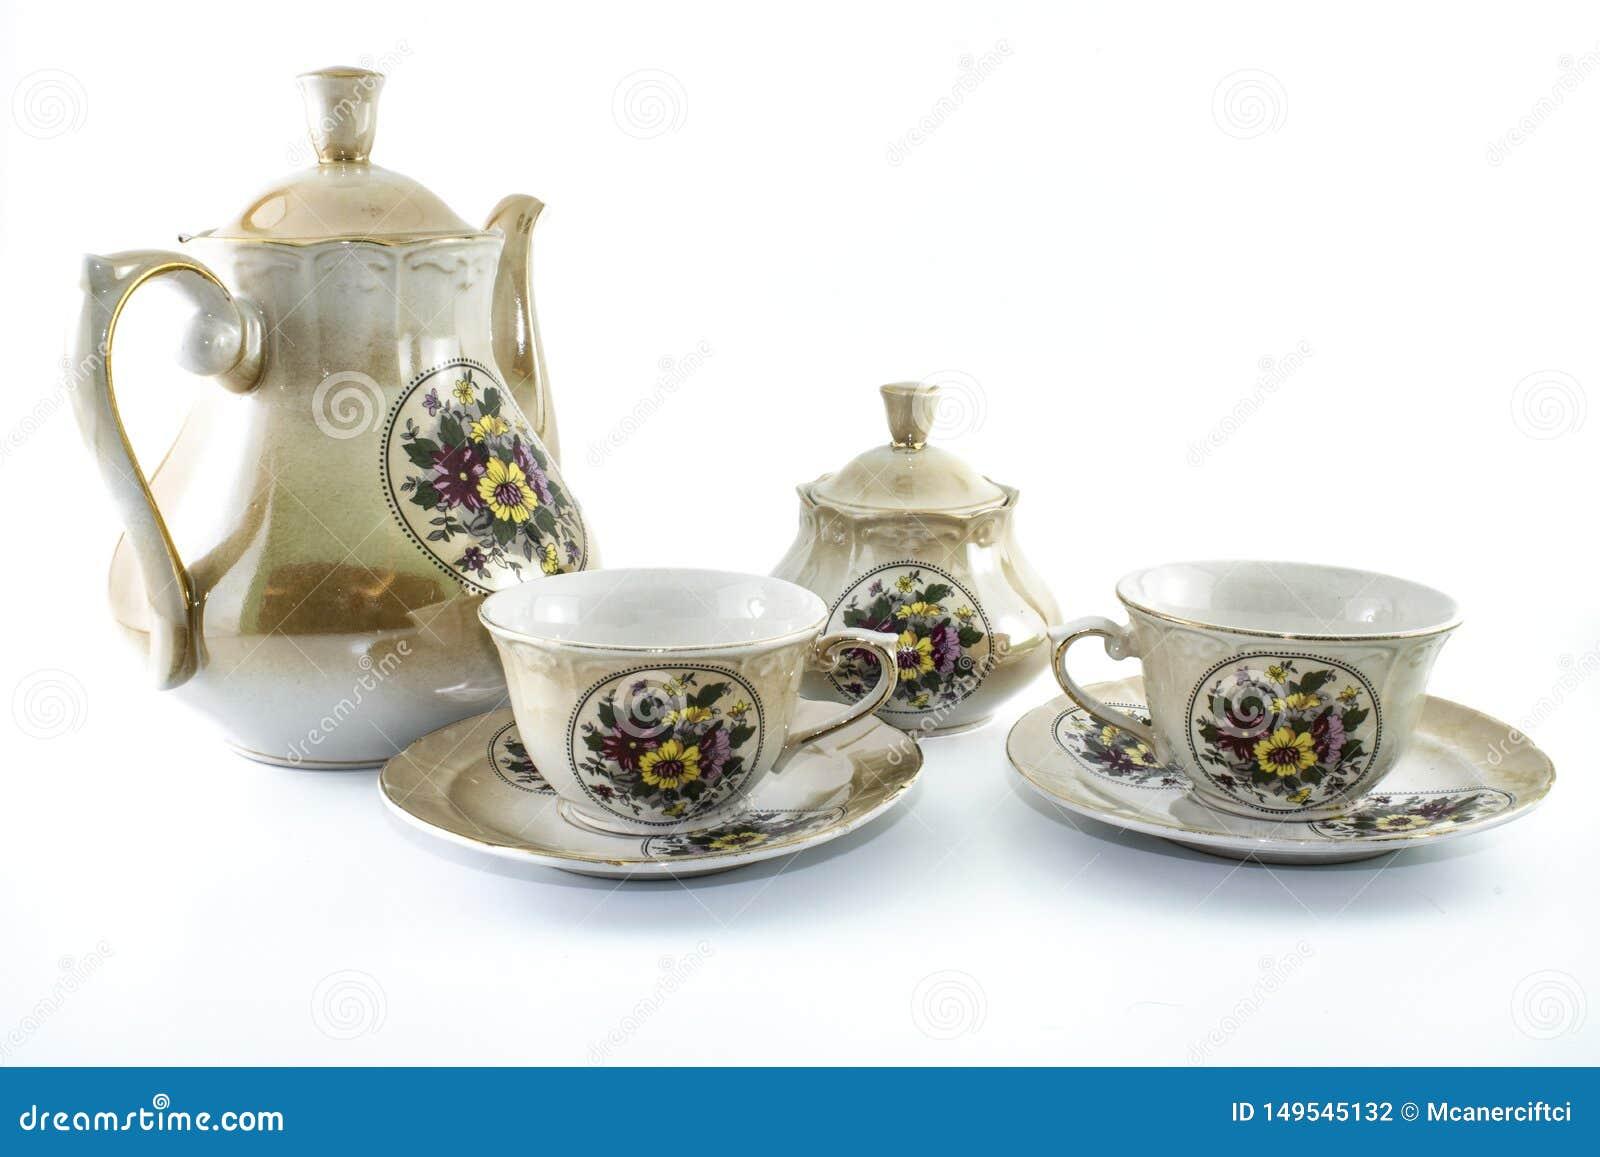 茶具 东部文化样式